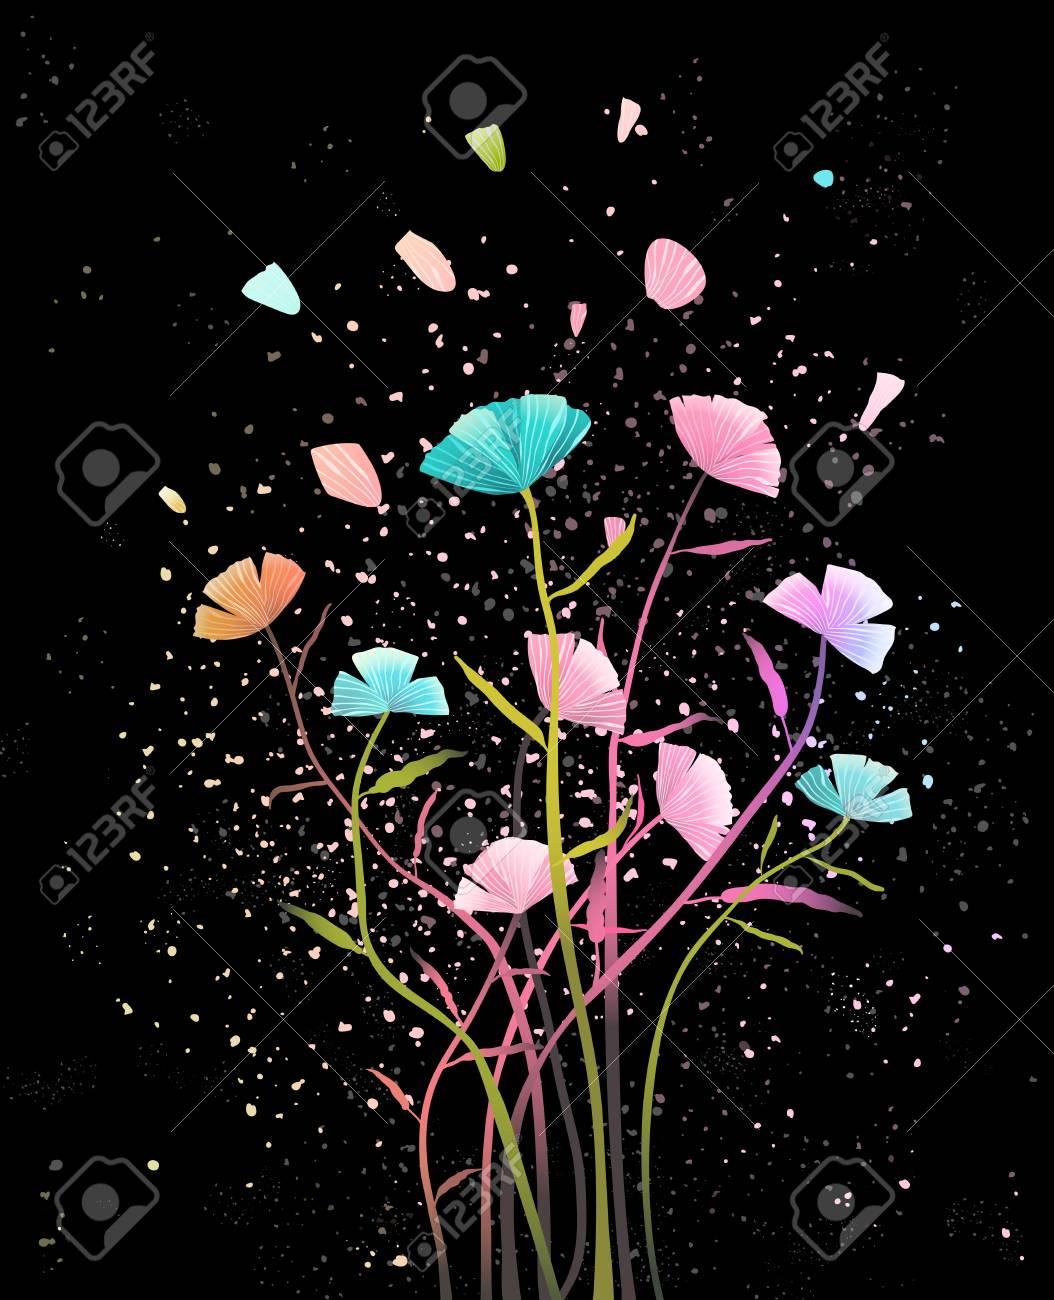 Floral design on dark background. Vector design. - 112321491